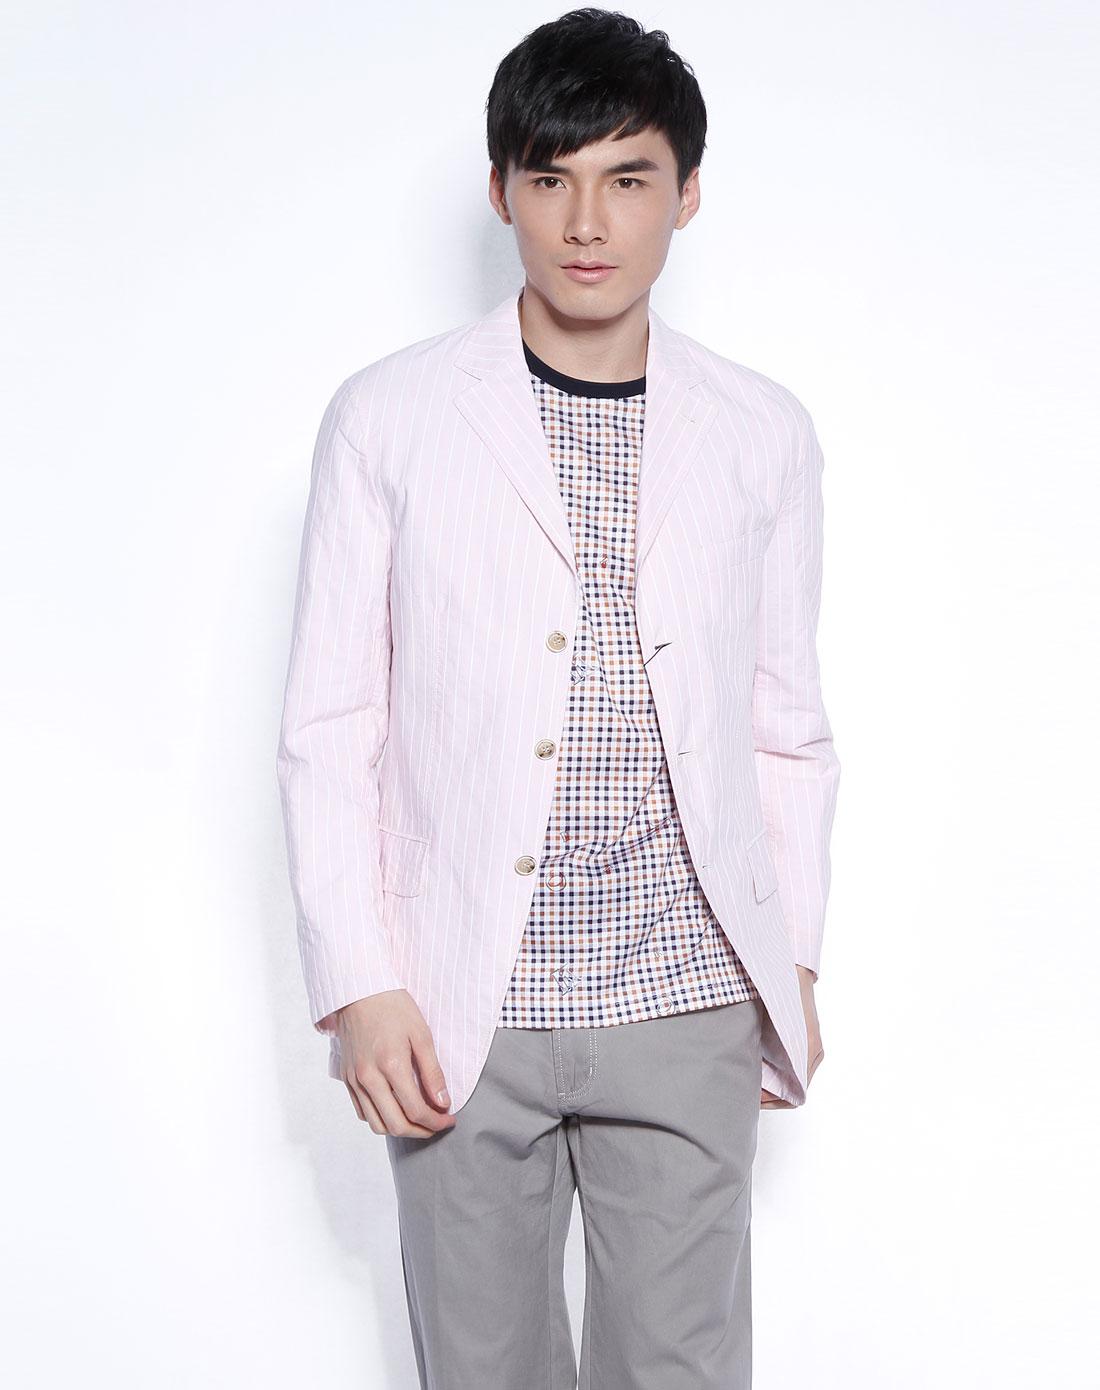 粉红/白色竖条纹长袖西装外套